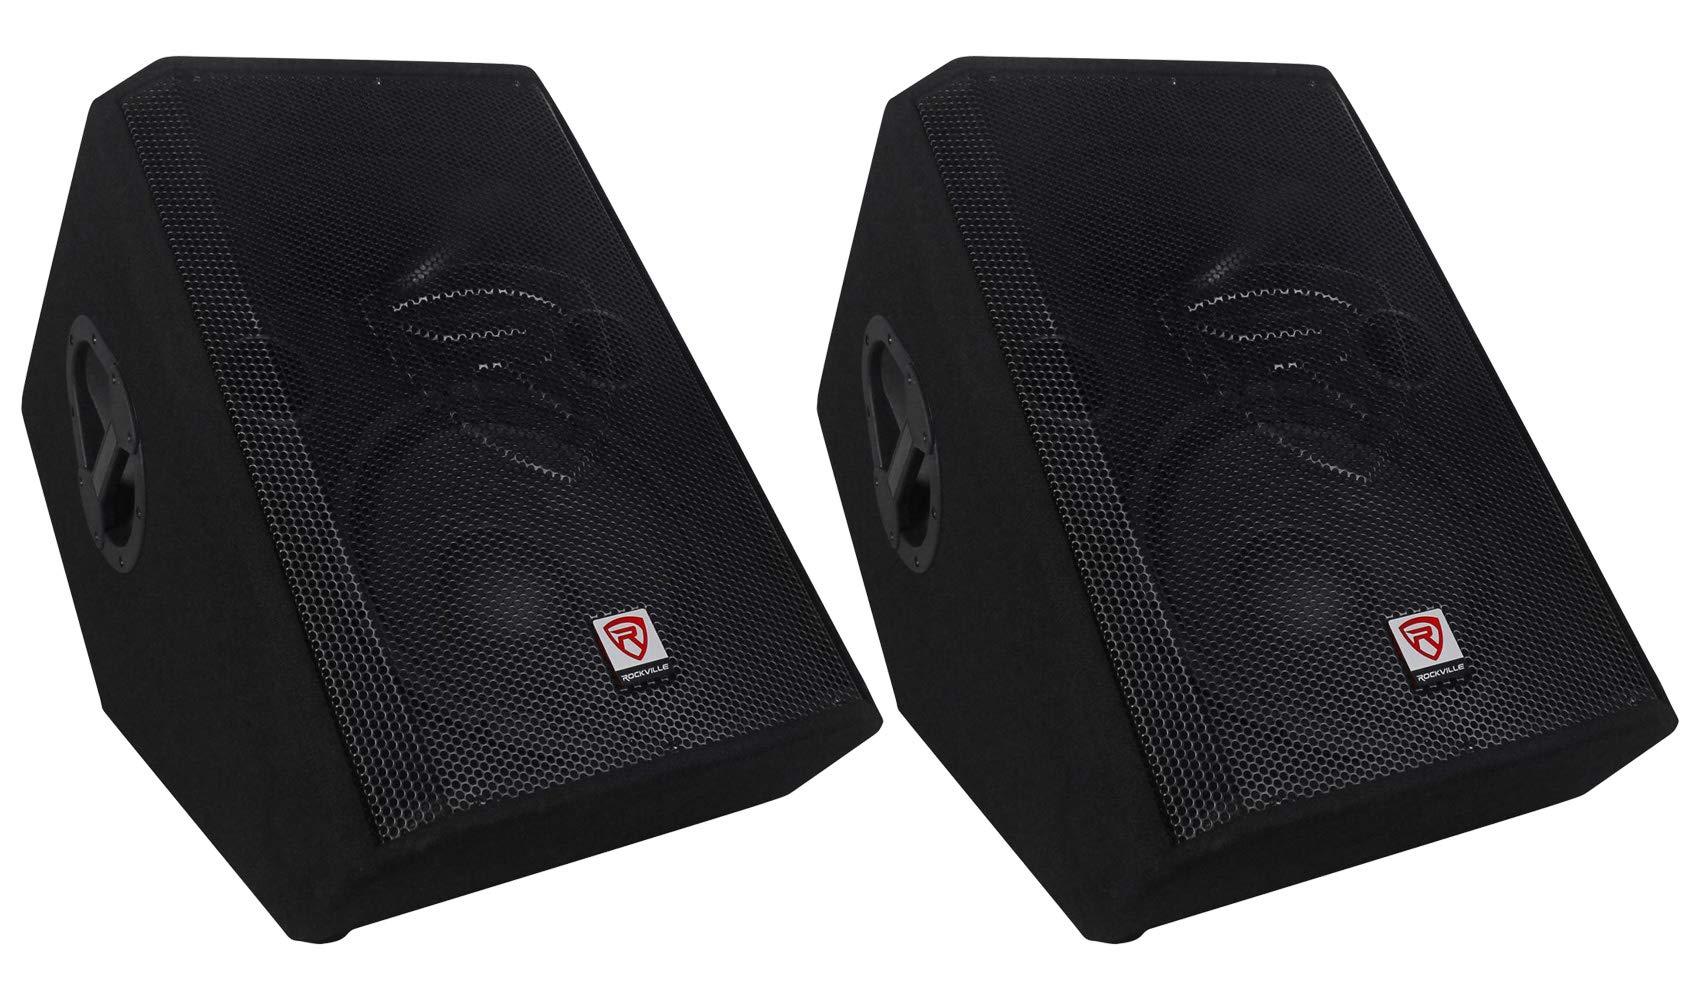 (2) Rockville RSM12P 12'' 1000 Watt 2-Way Passive Stage Floor Monitor Speakers by Rockville